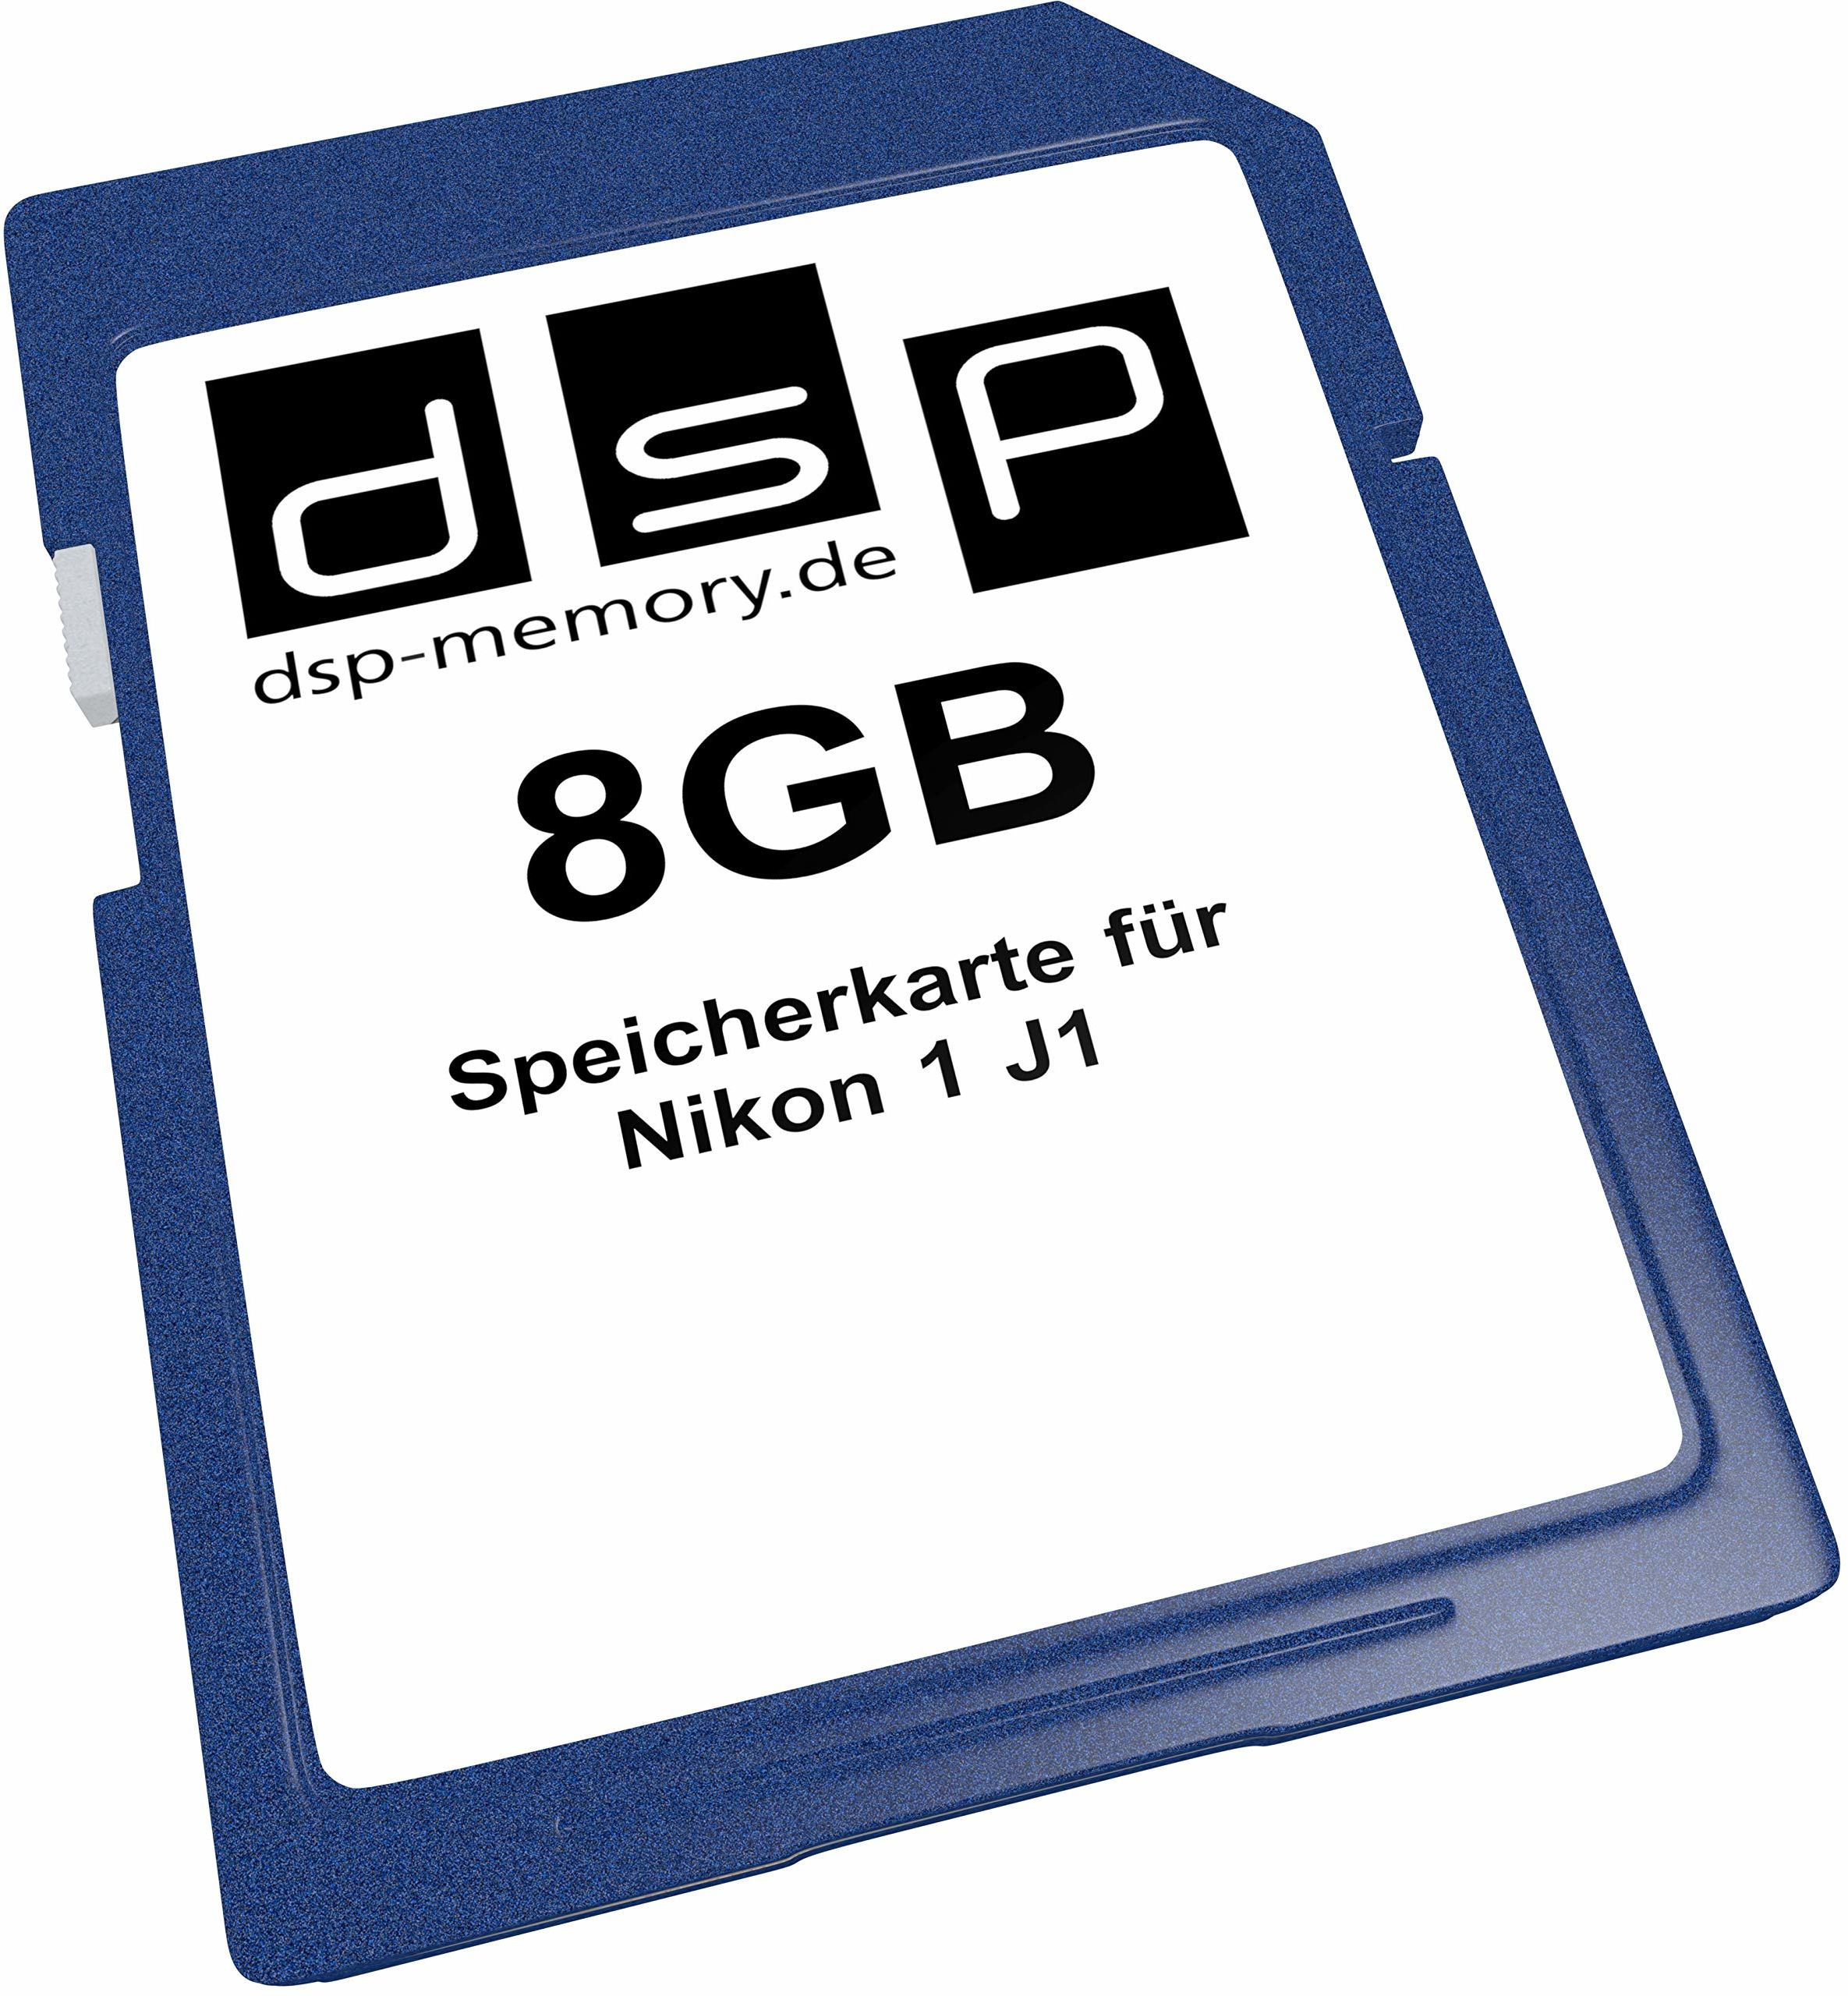 Karta pamięci 8 GB do Nikon 1 J1